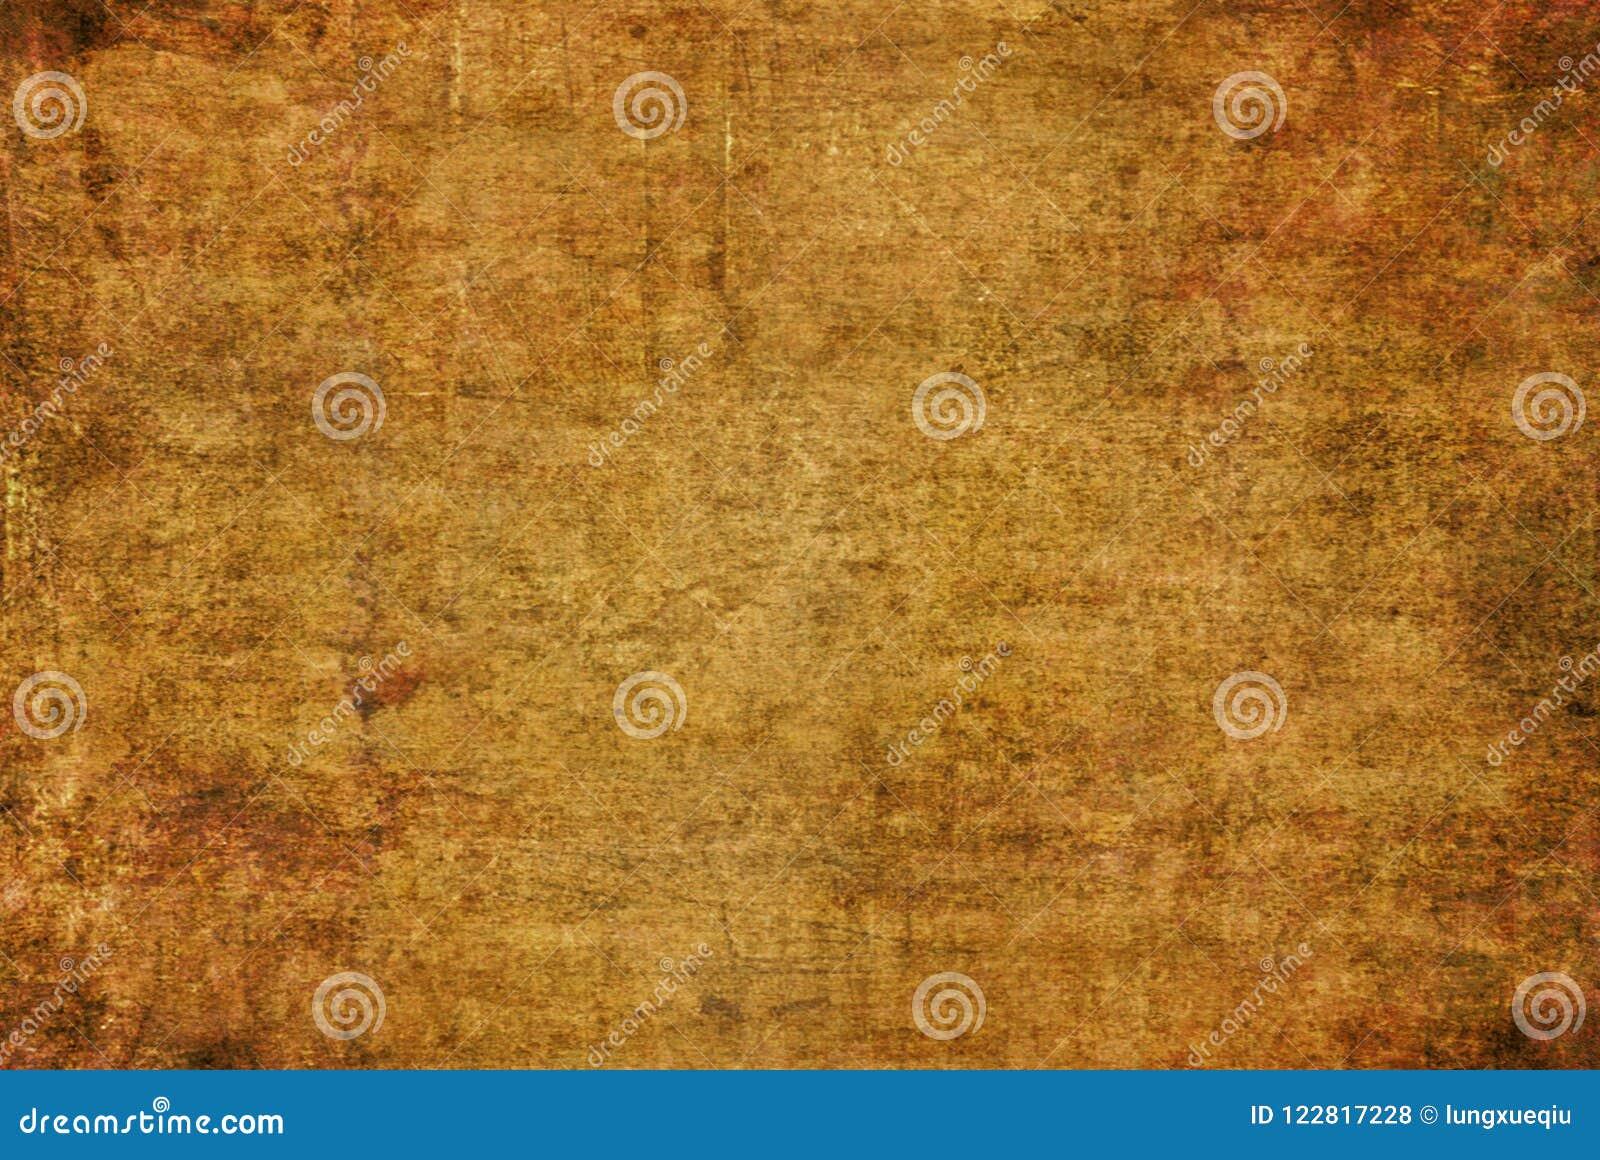 Modelo agrietado amarillo oscuro Autumn Background Wallpaper de la textura de la pintura de la lona de Brown Rusty Distorted Deca